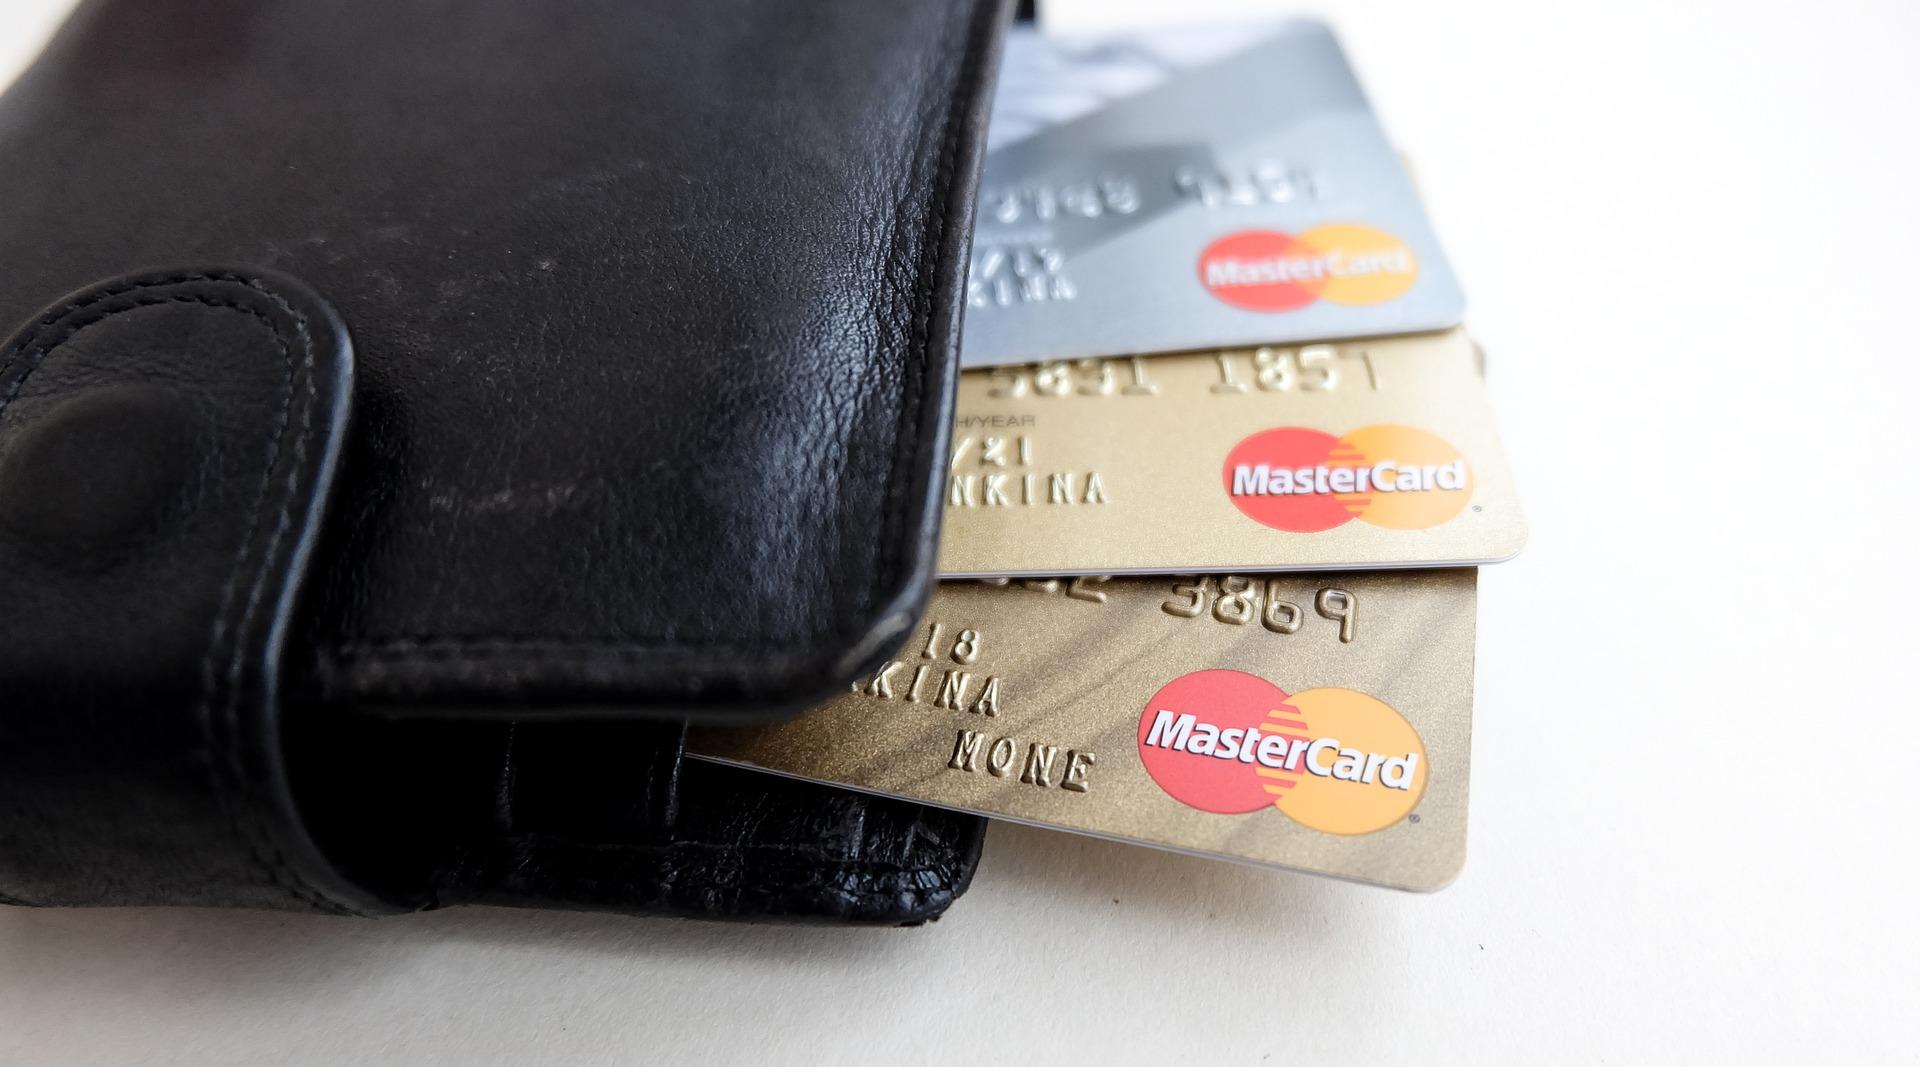 スマホカバーに入ったクレジットカード